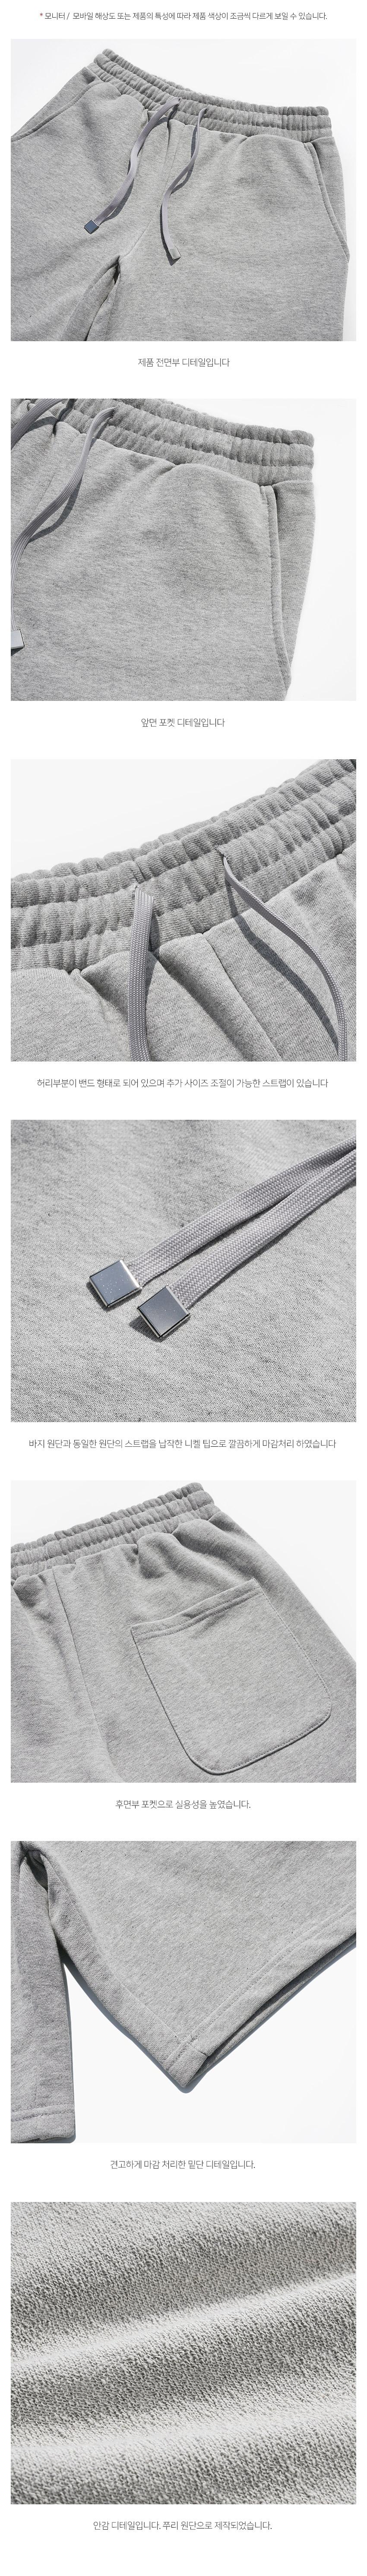 [페플] 오리지널 민자 트레이닝 숏 팬츠 6종 블루그레이 SJSP1256